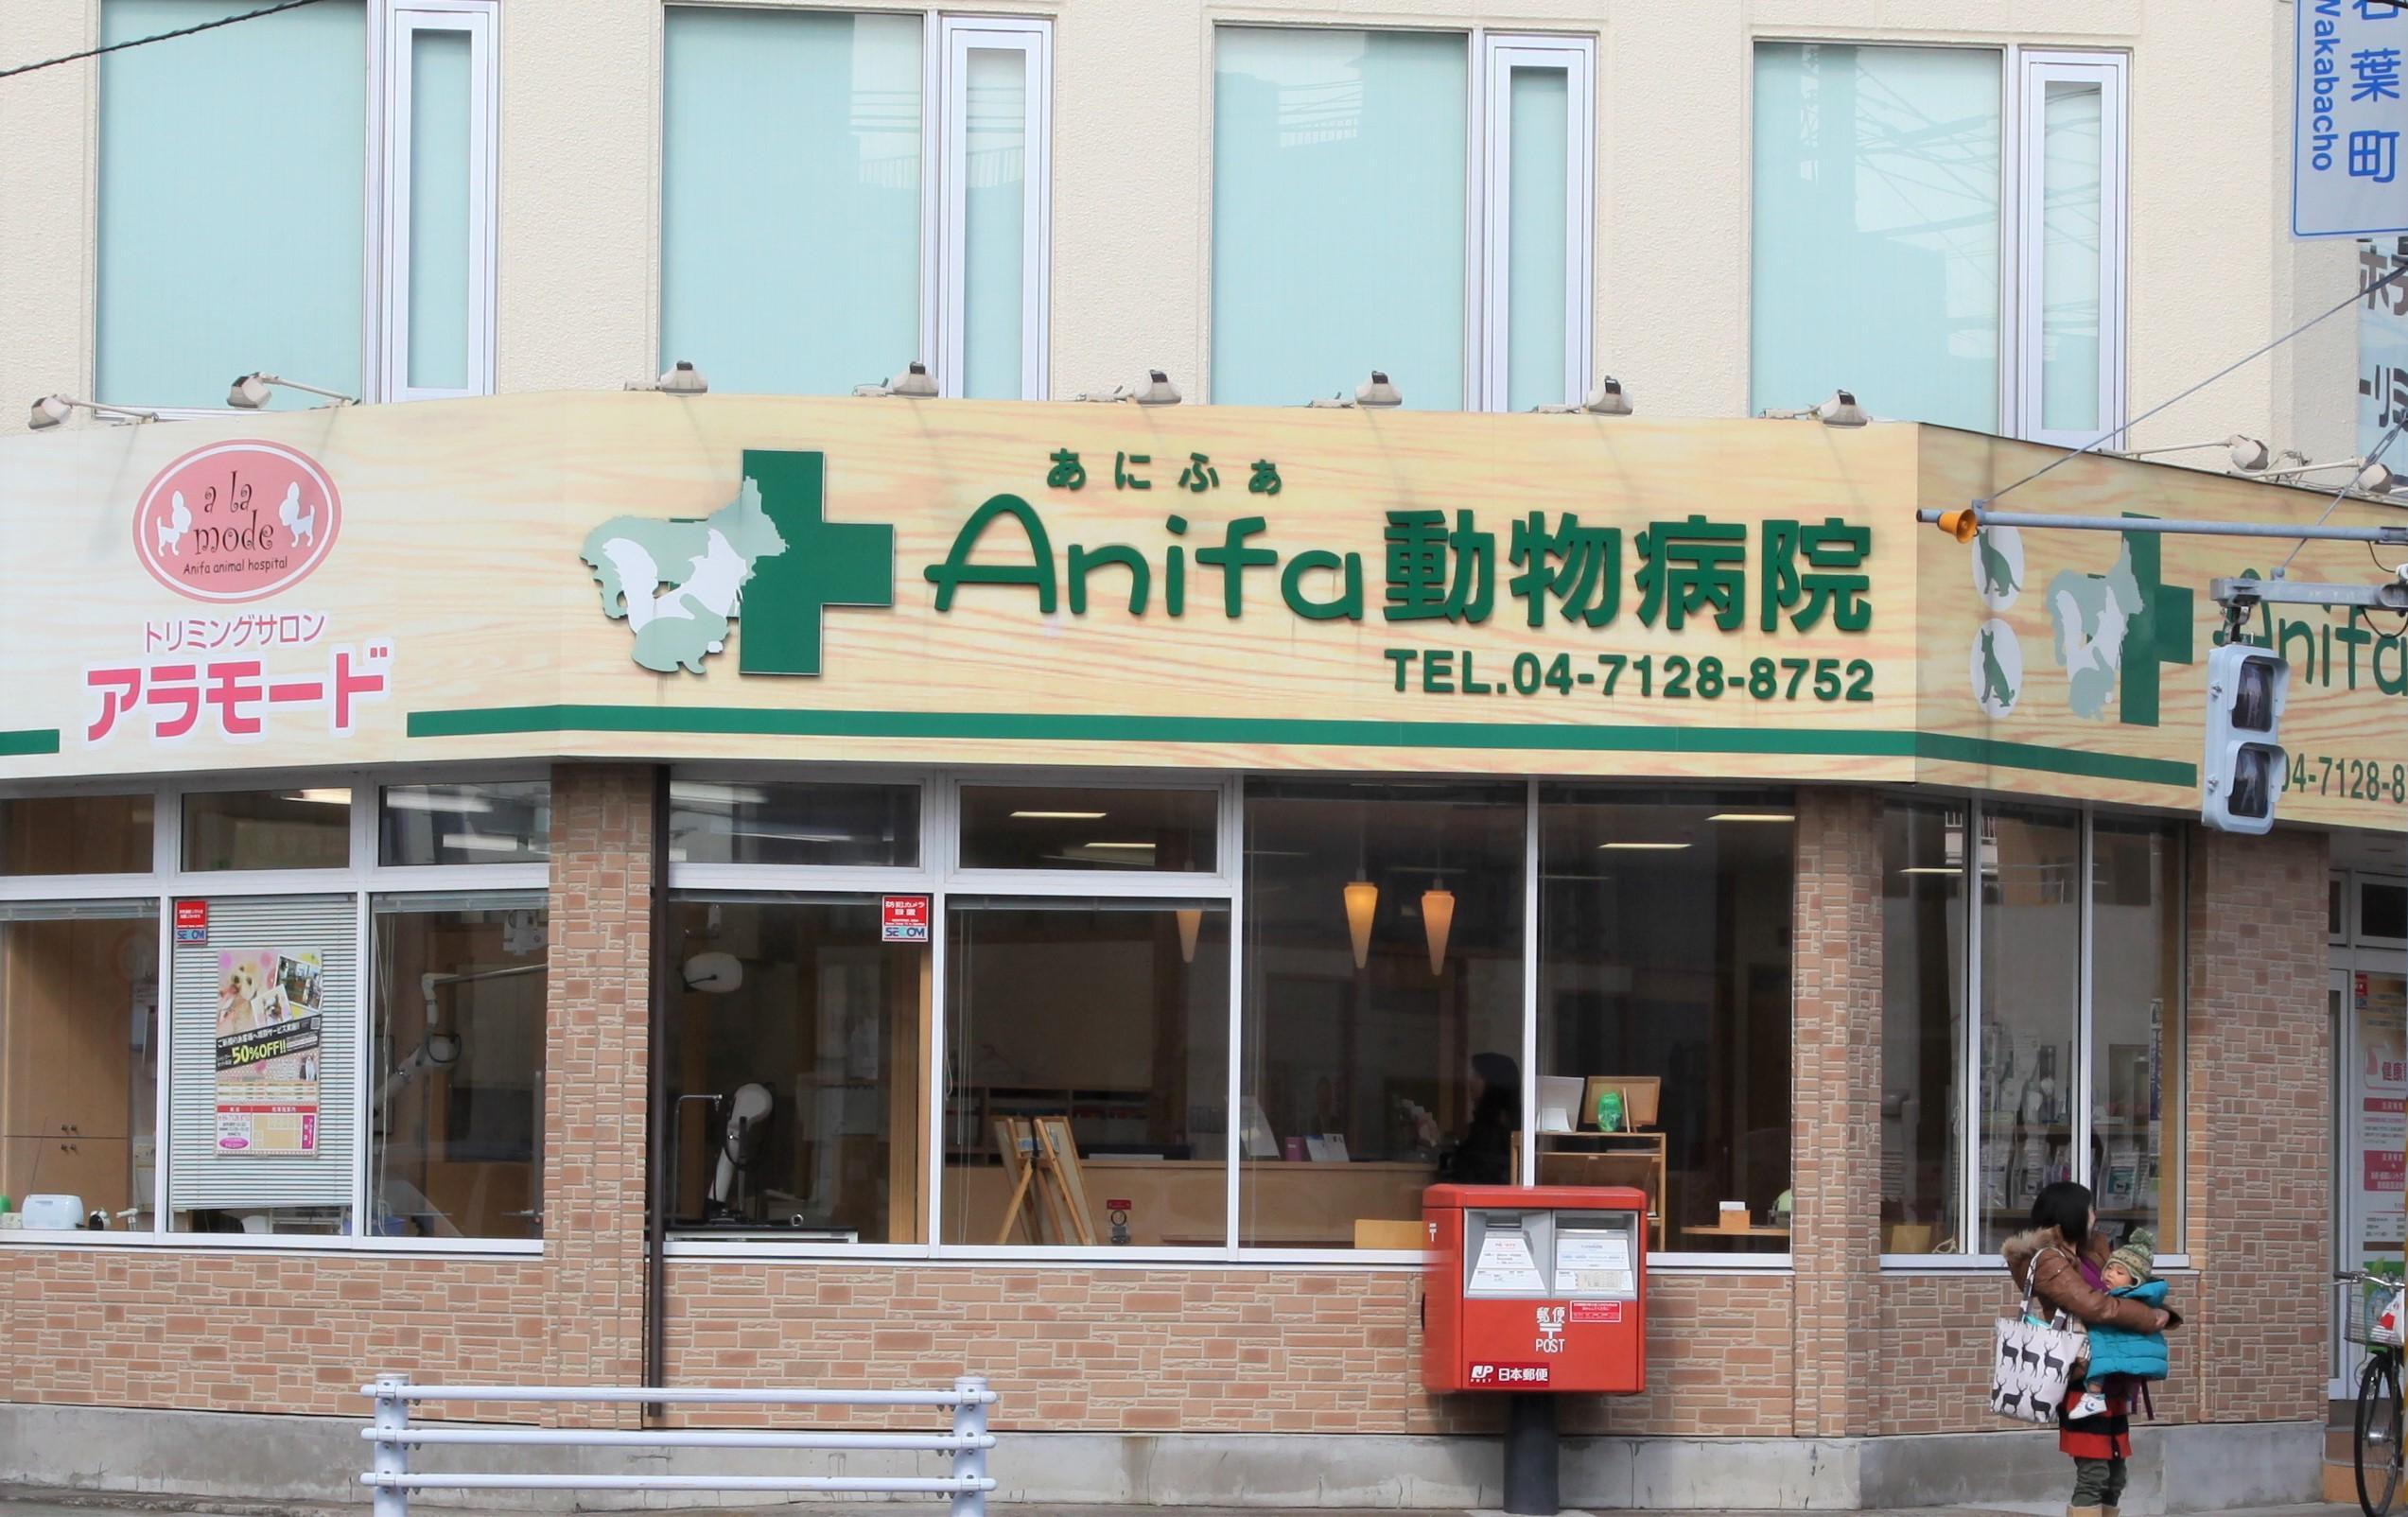 アニファ動物病院 柏病院